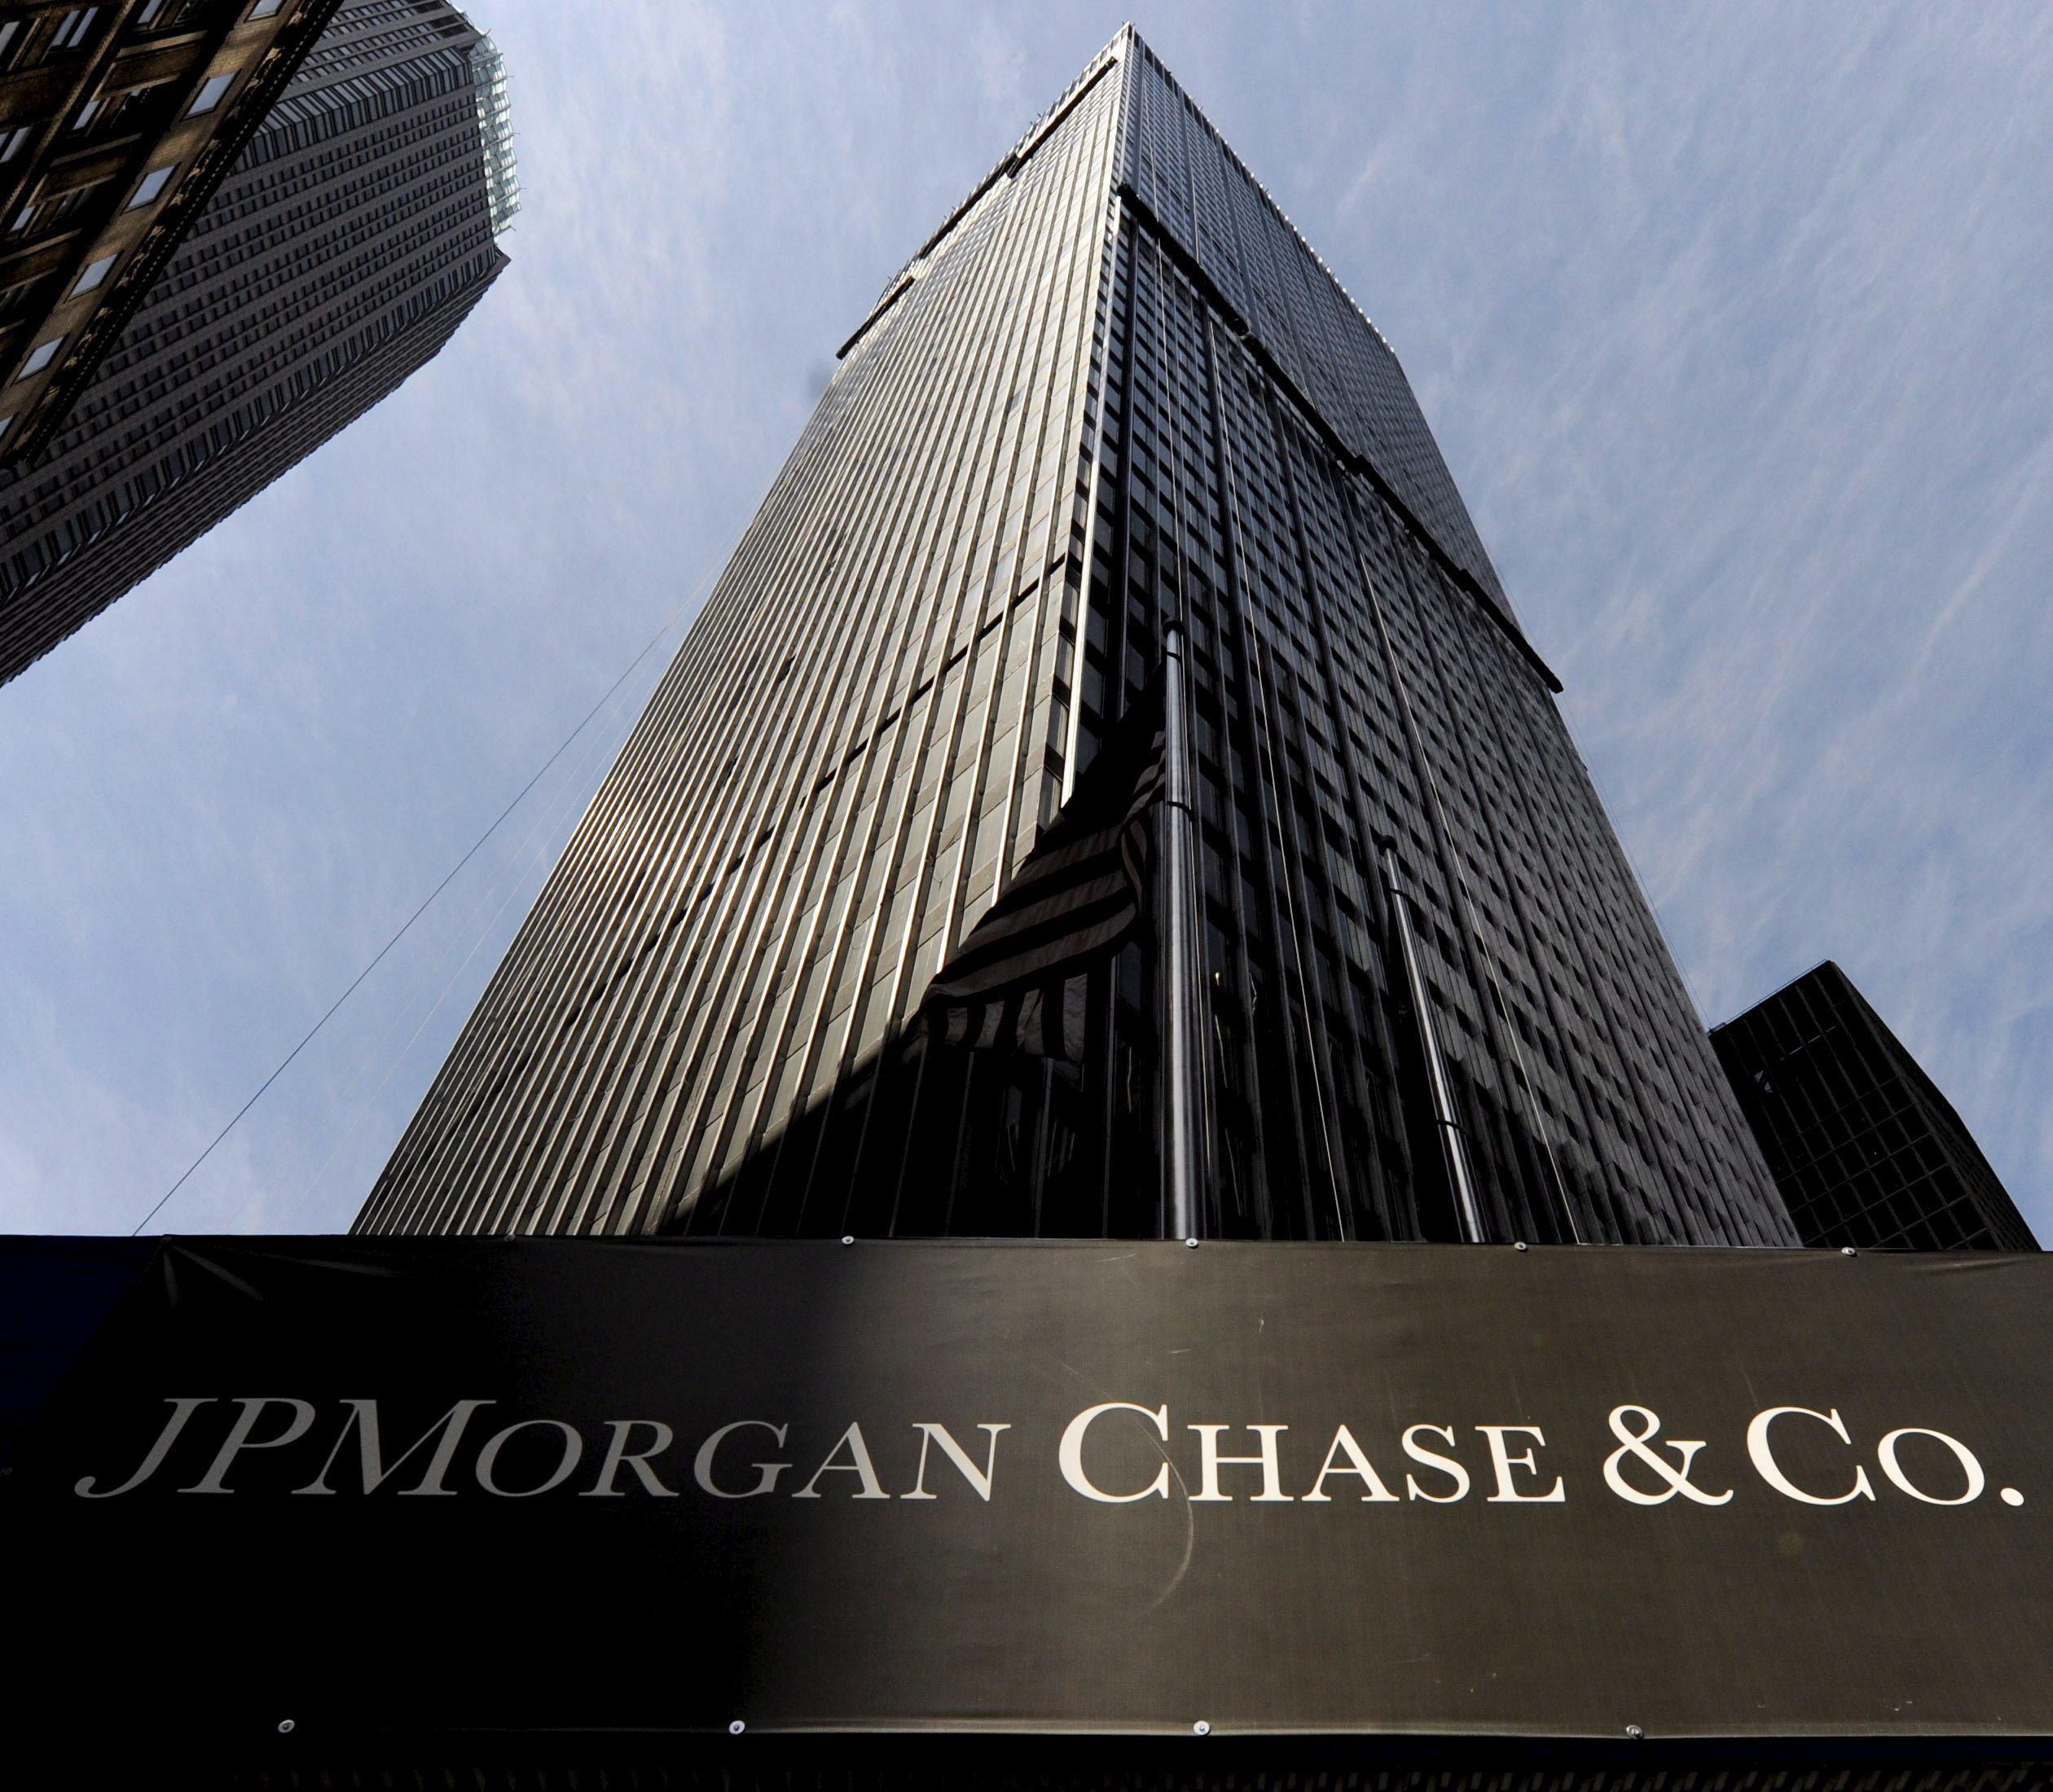 El exdirectivo español de JPMorgan Chase se niega a ser extraditado a EEUU